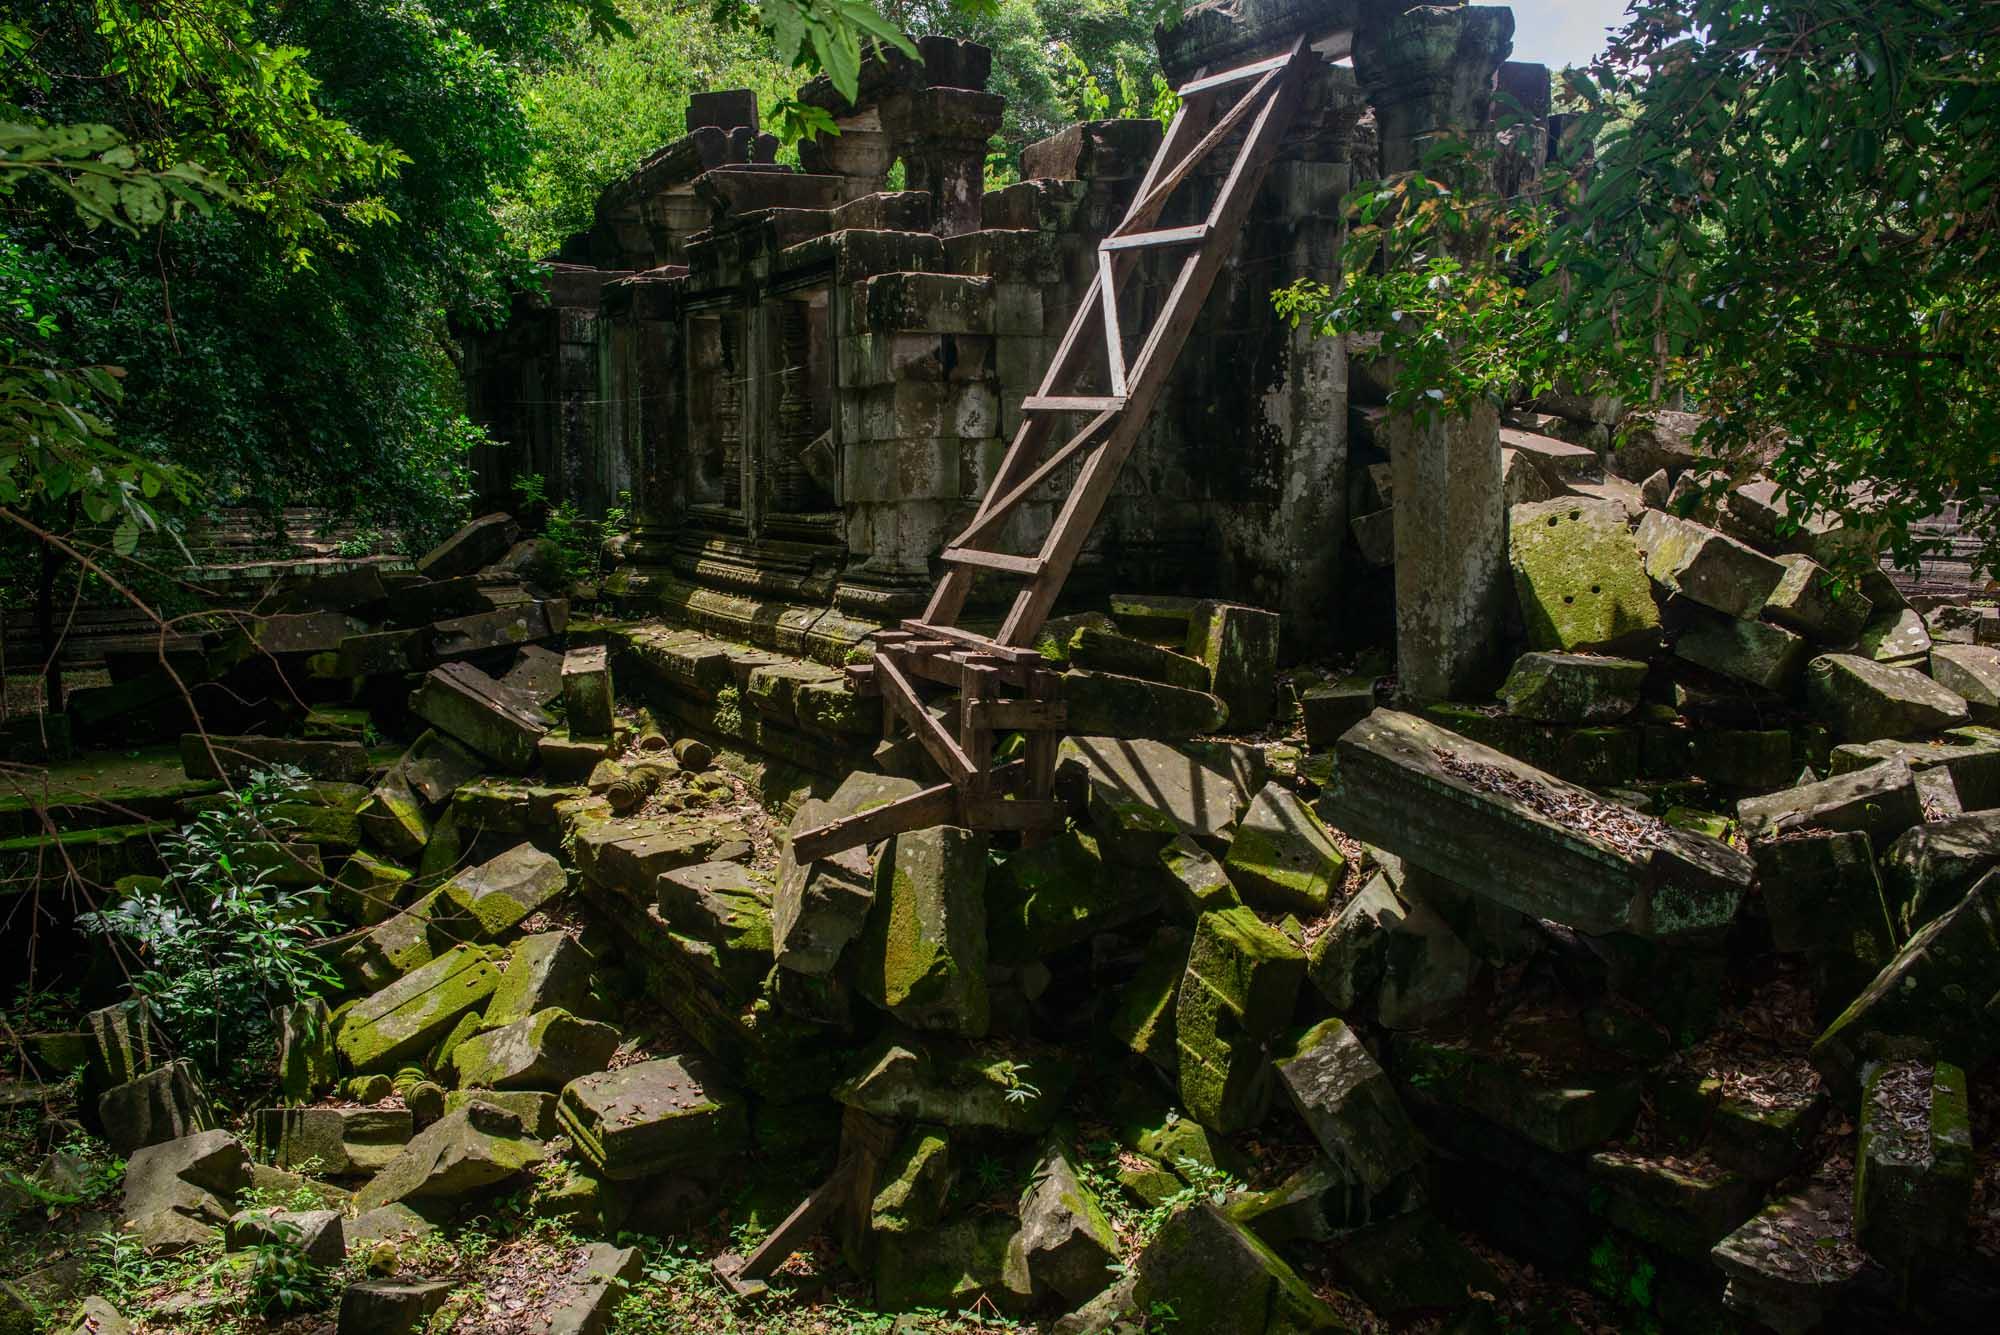 Abandoned temple Beng melea